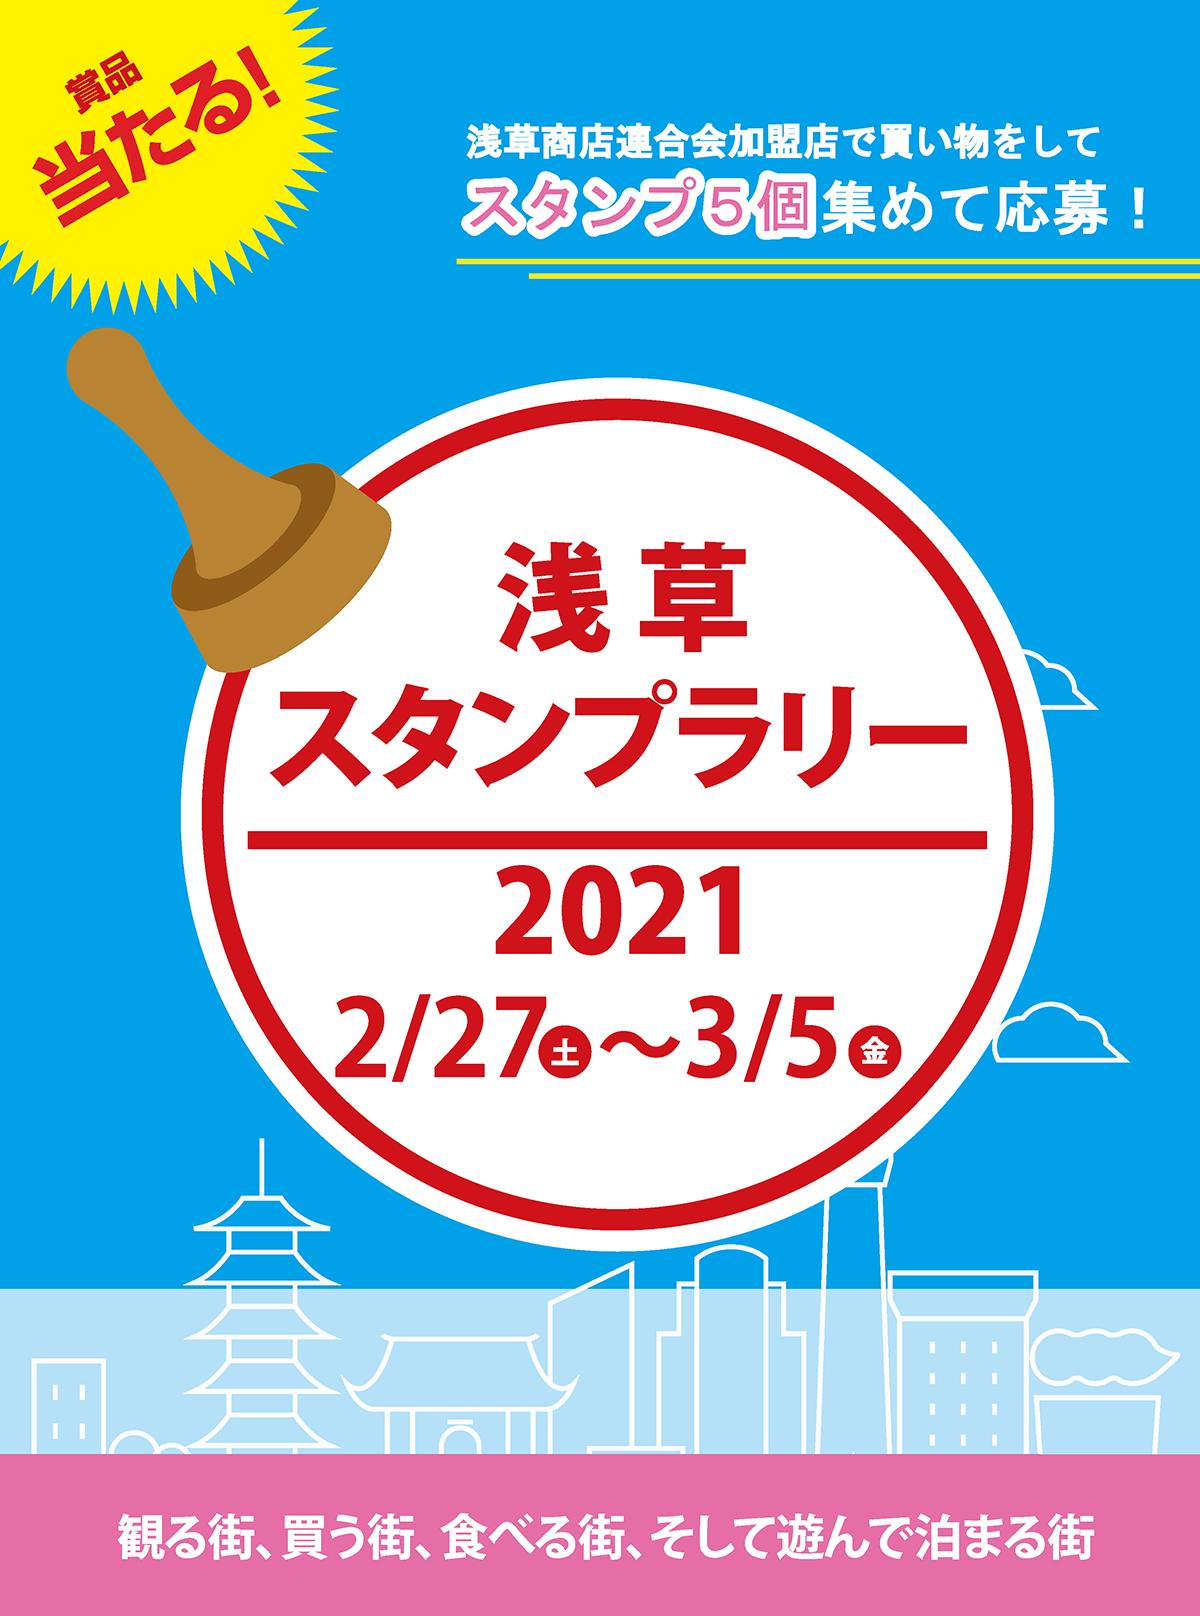 2月27日(土)〜3月5日(金)浅草スタンプラリー2021